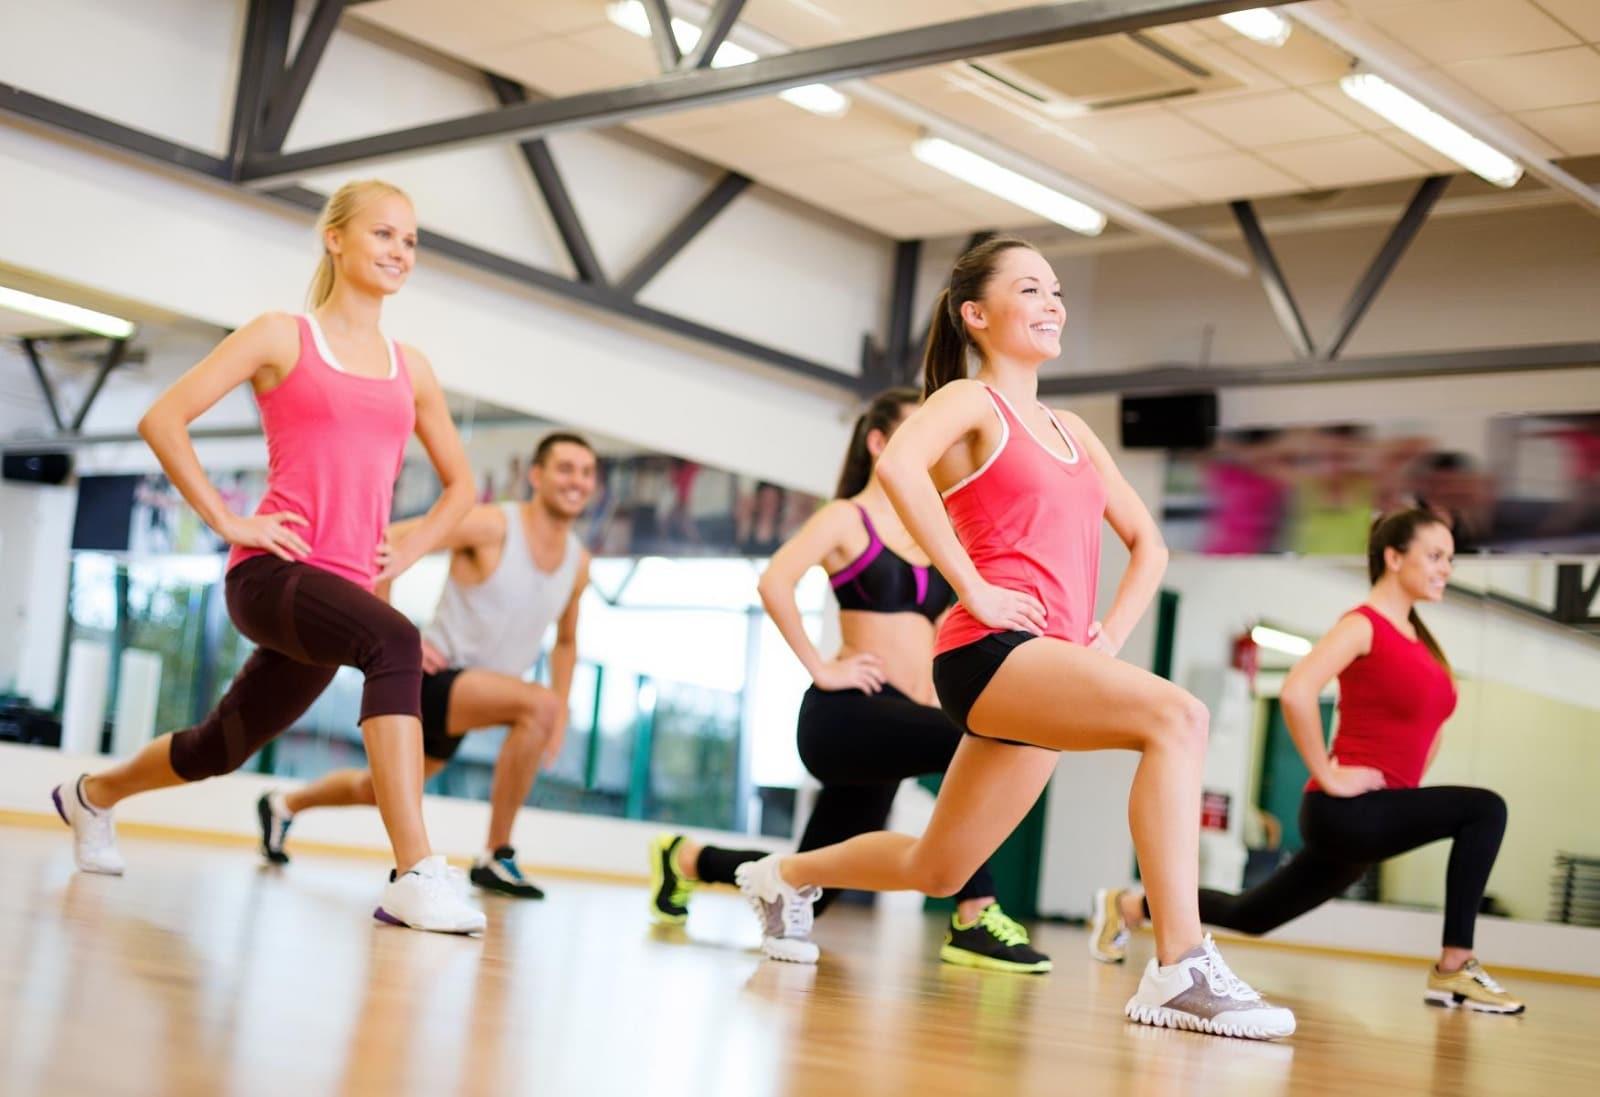 personal trainer istruttore ginnastica rieducazione posturale